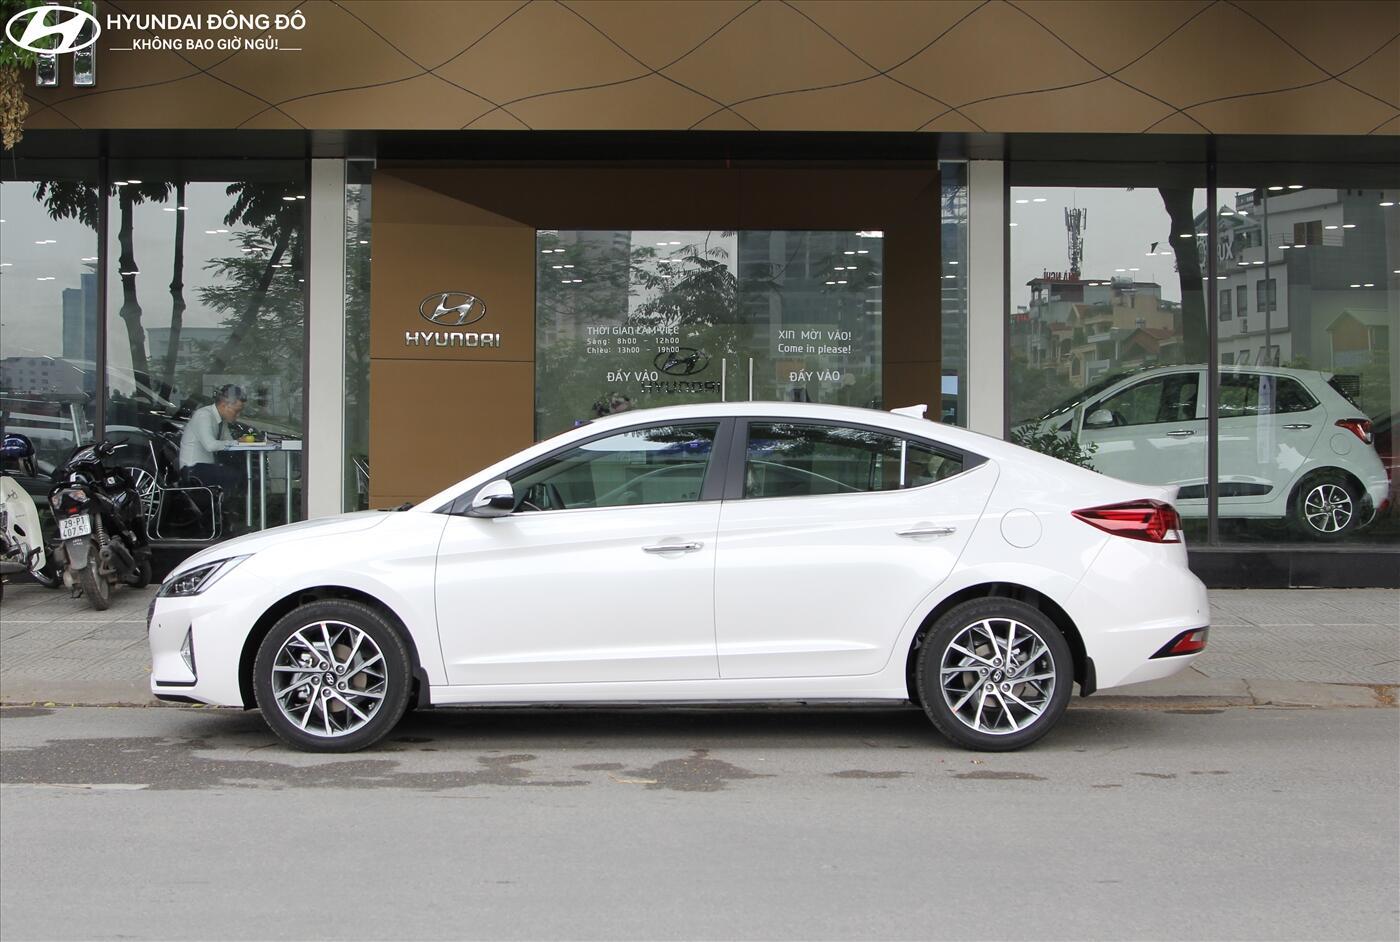 Hyundai Elantra 2.0 AT